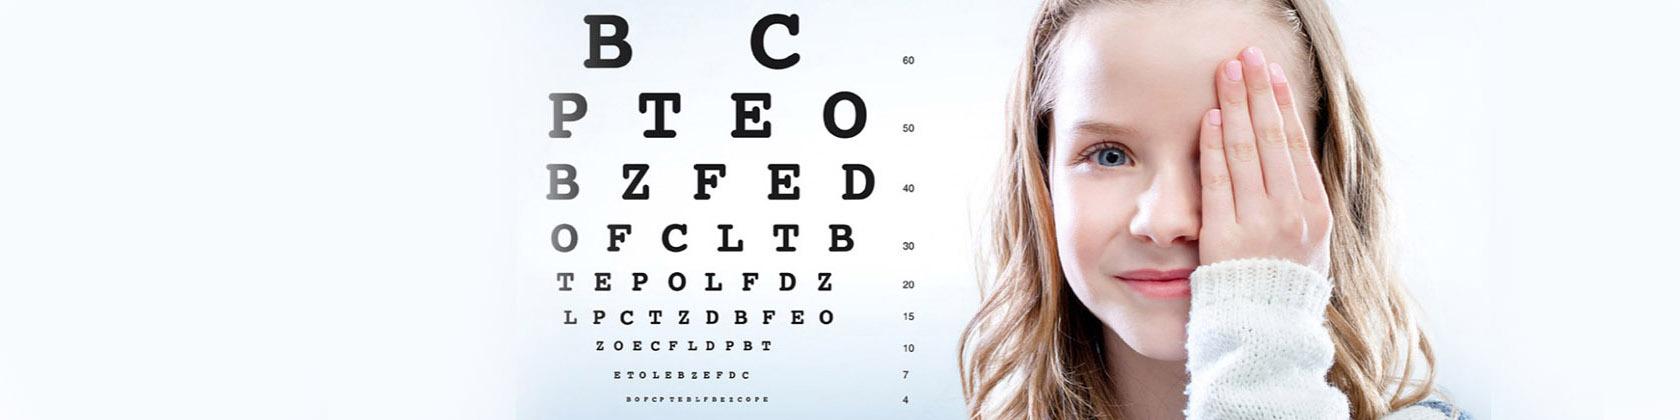 körkörös látásvizsgálat